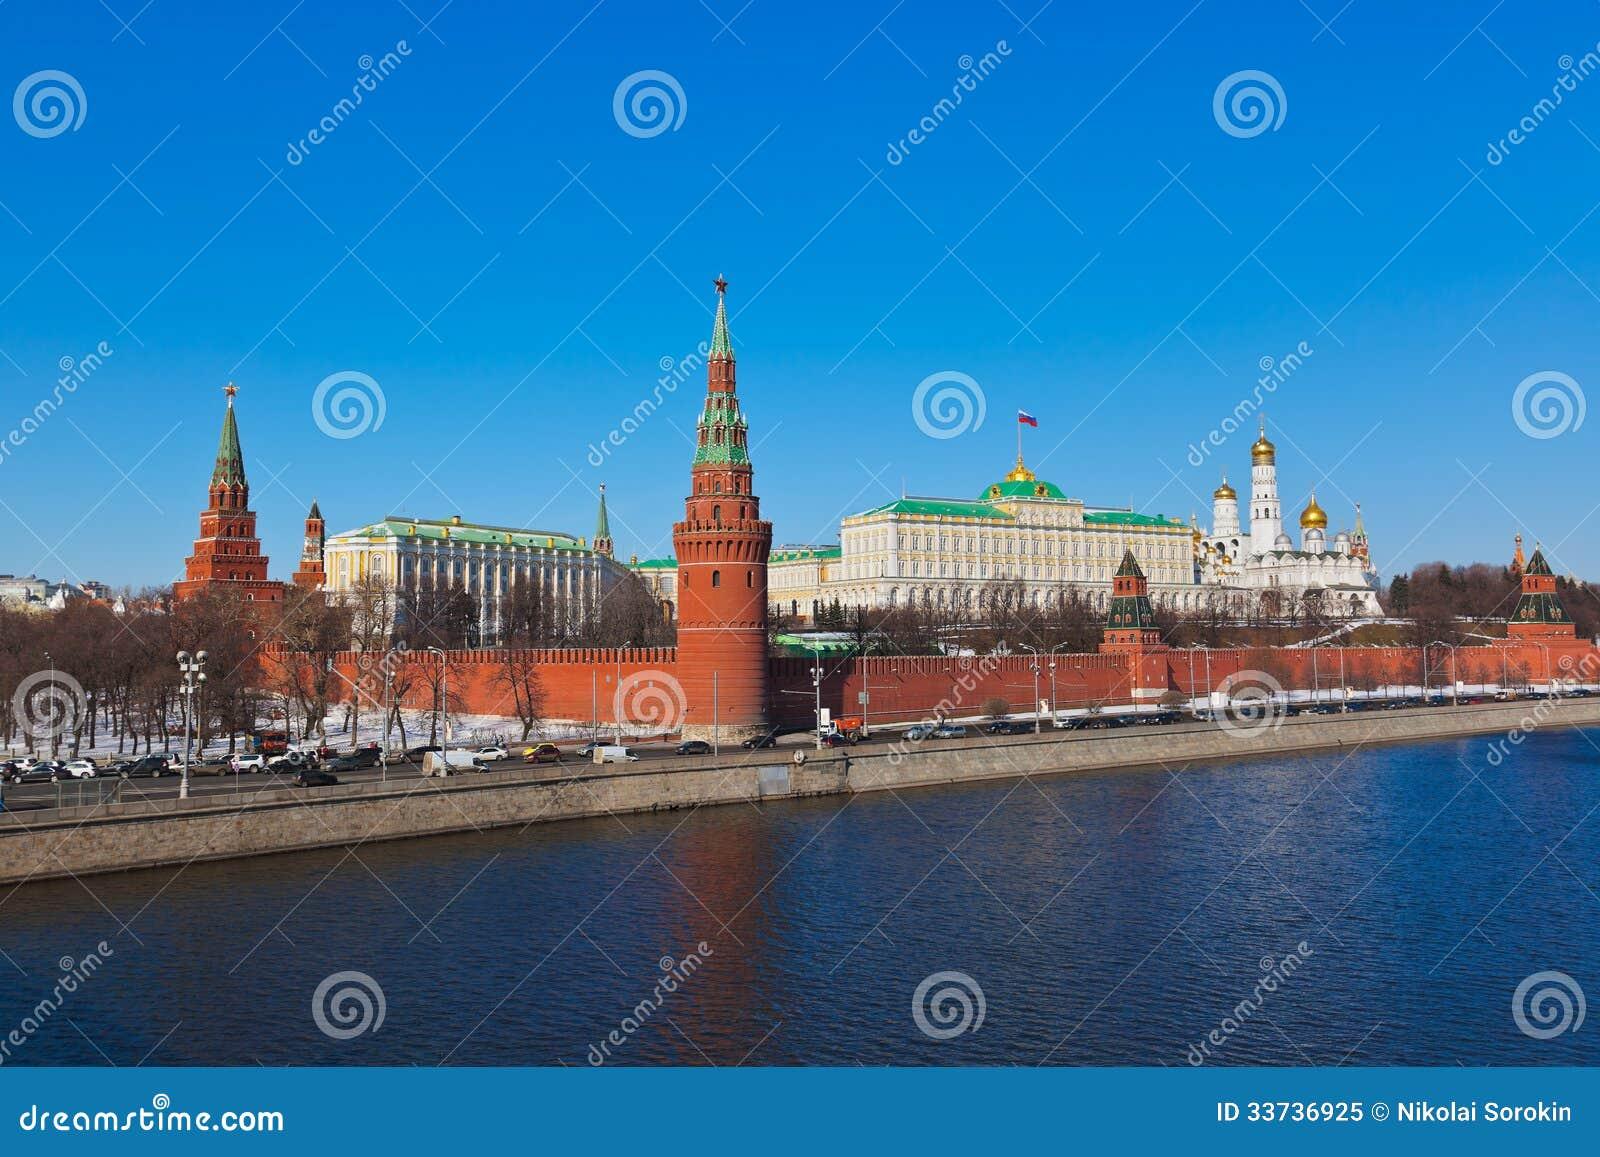 Кремль в Москве (Россия)